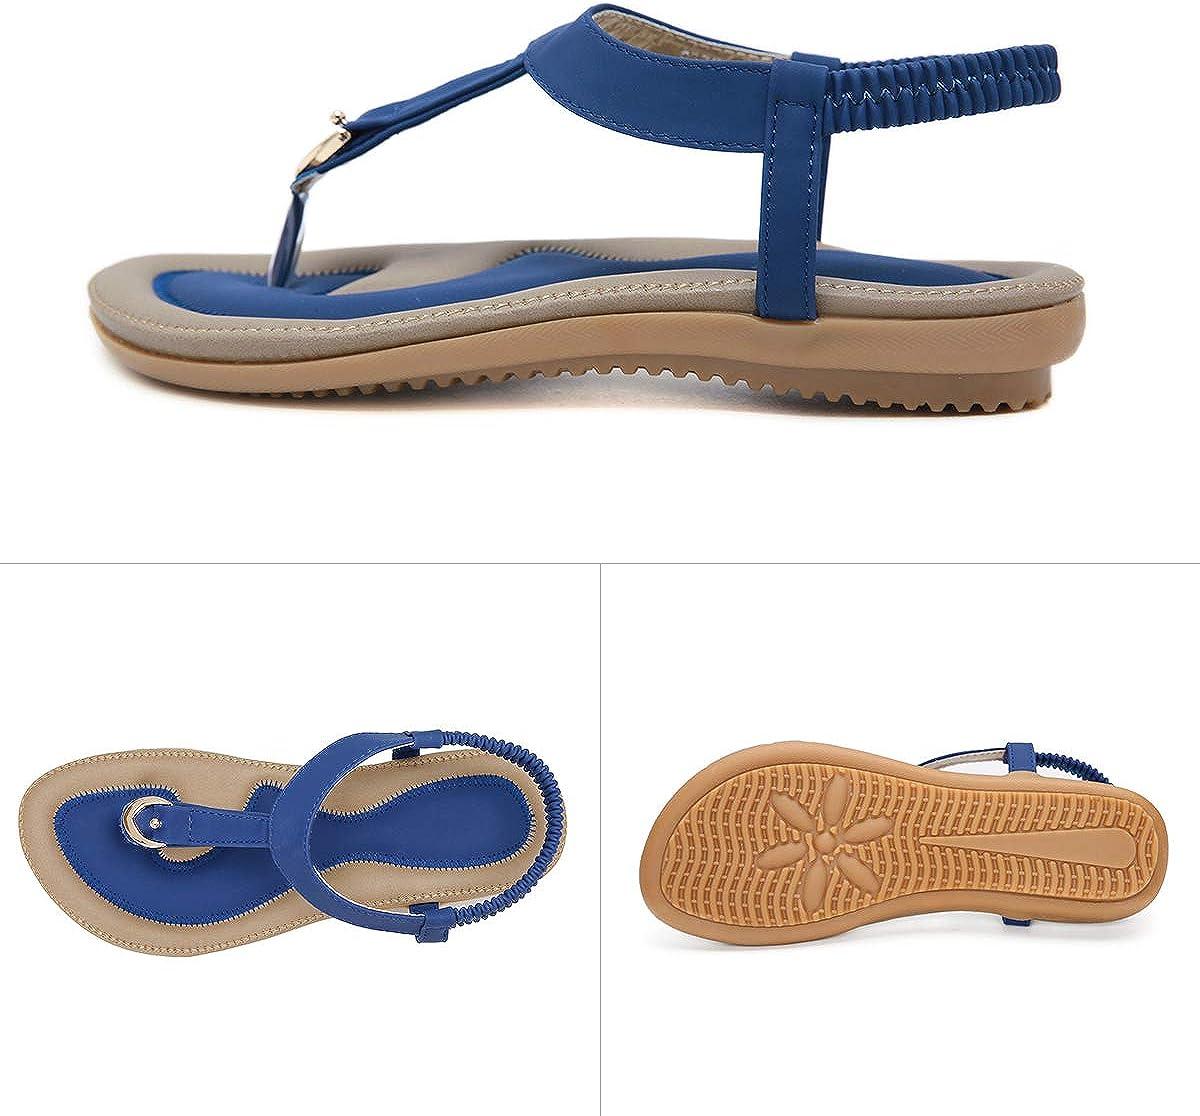 KUONUO Sandales Plates Femme Noir Beige Flip Flops Chaussure Plage Vacances Chaussures de Ville /Ét/é /à Talons Plats Compens/és Tong Confortable